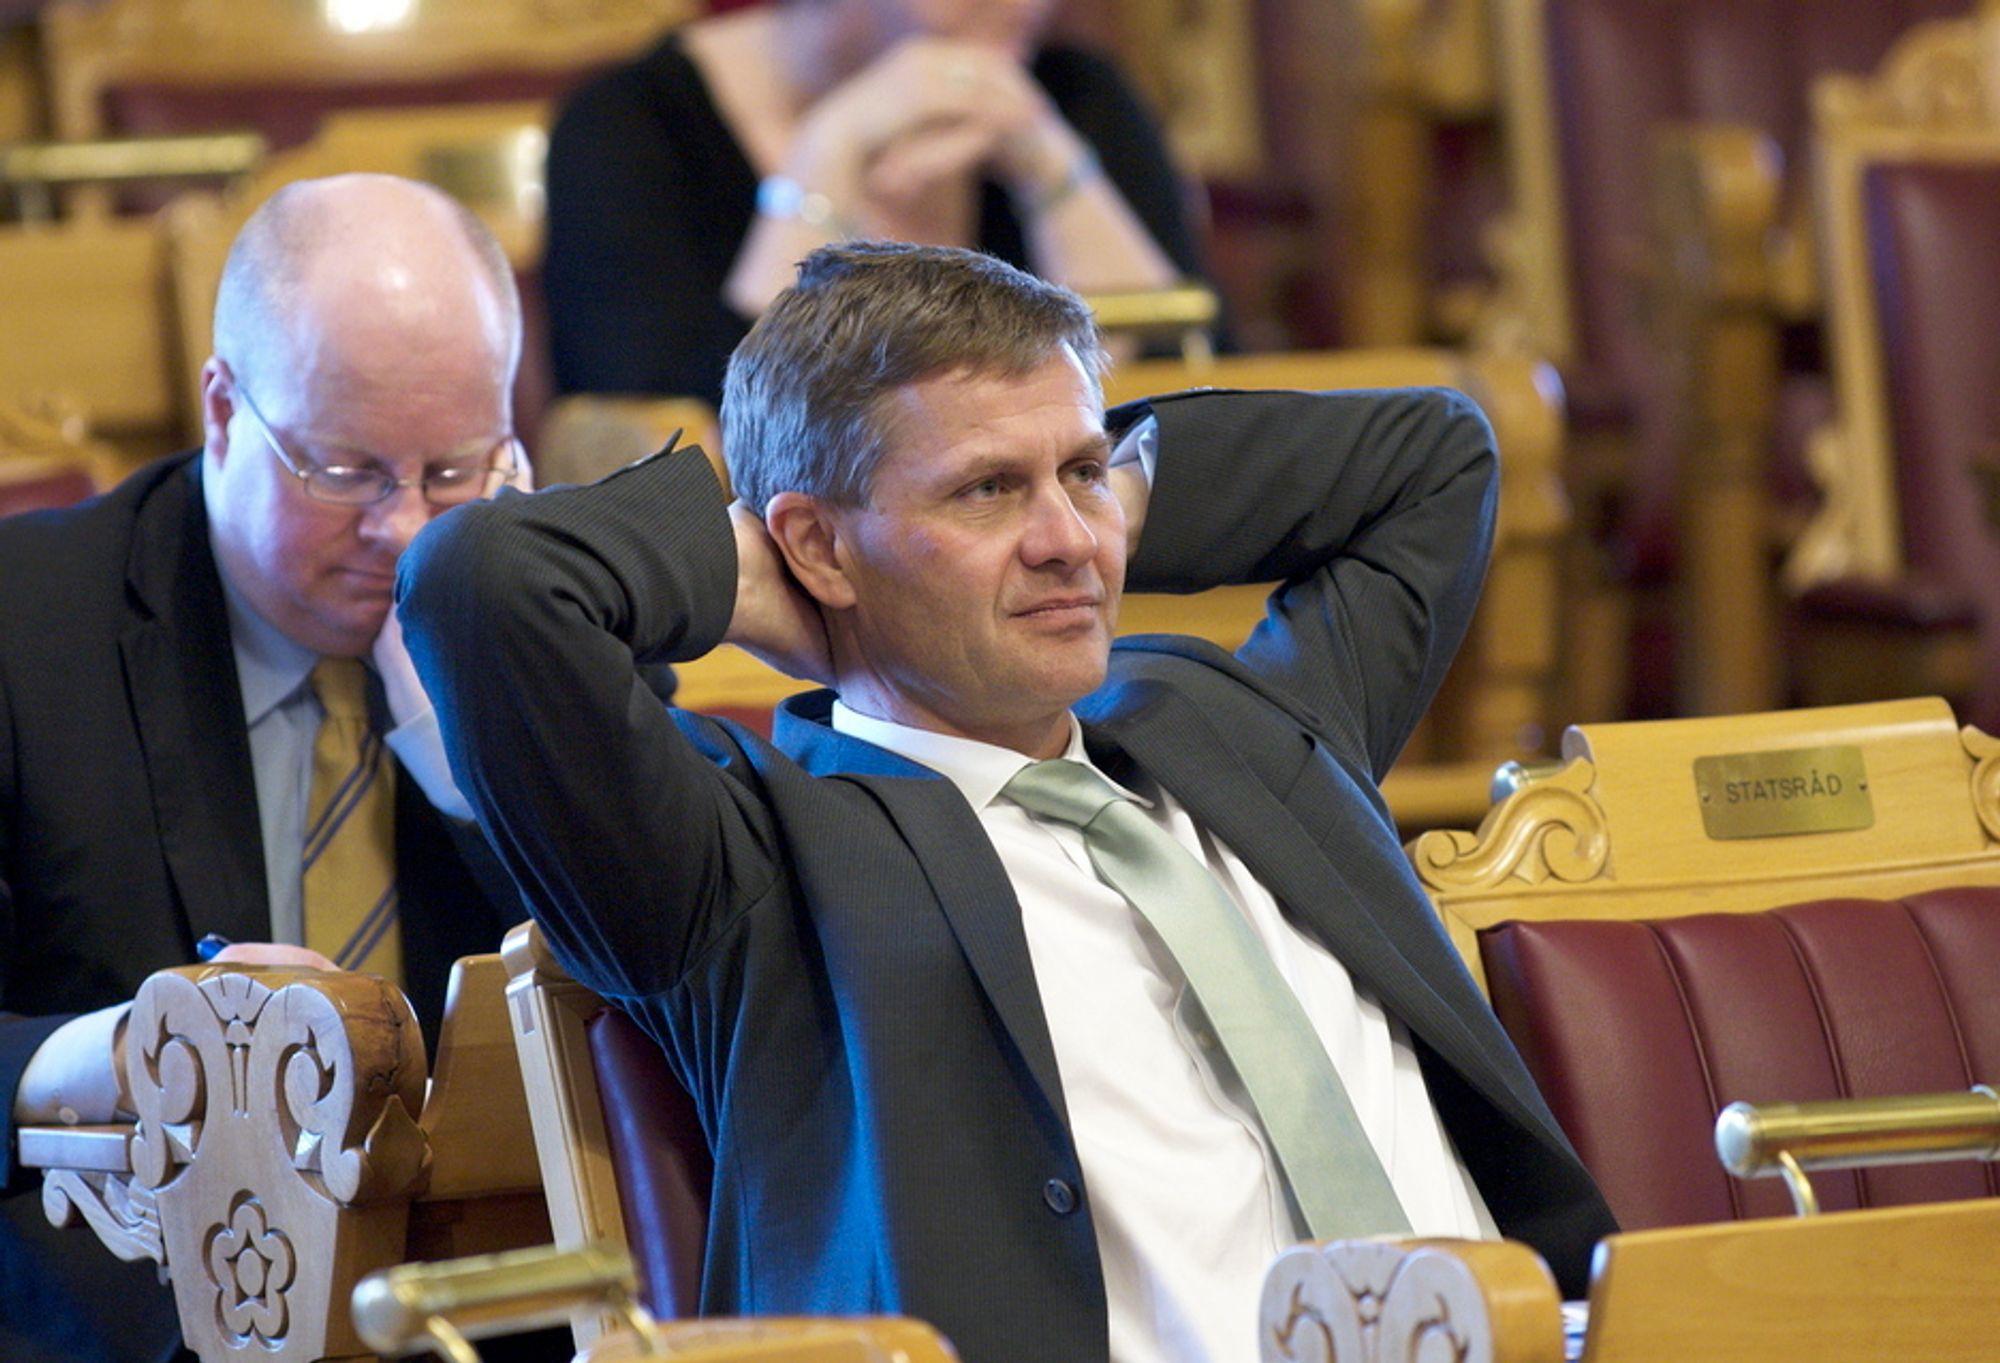 Miljøvernminister Erik Solheim orket rett og slett ikke svare da han ble spurt om biodieselavgiften i Stortinget fredag.